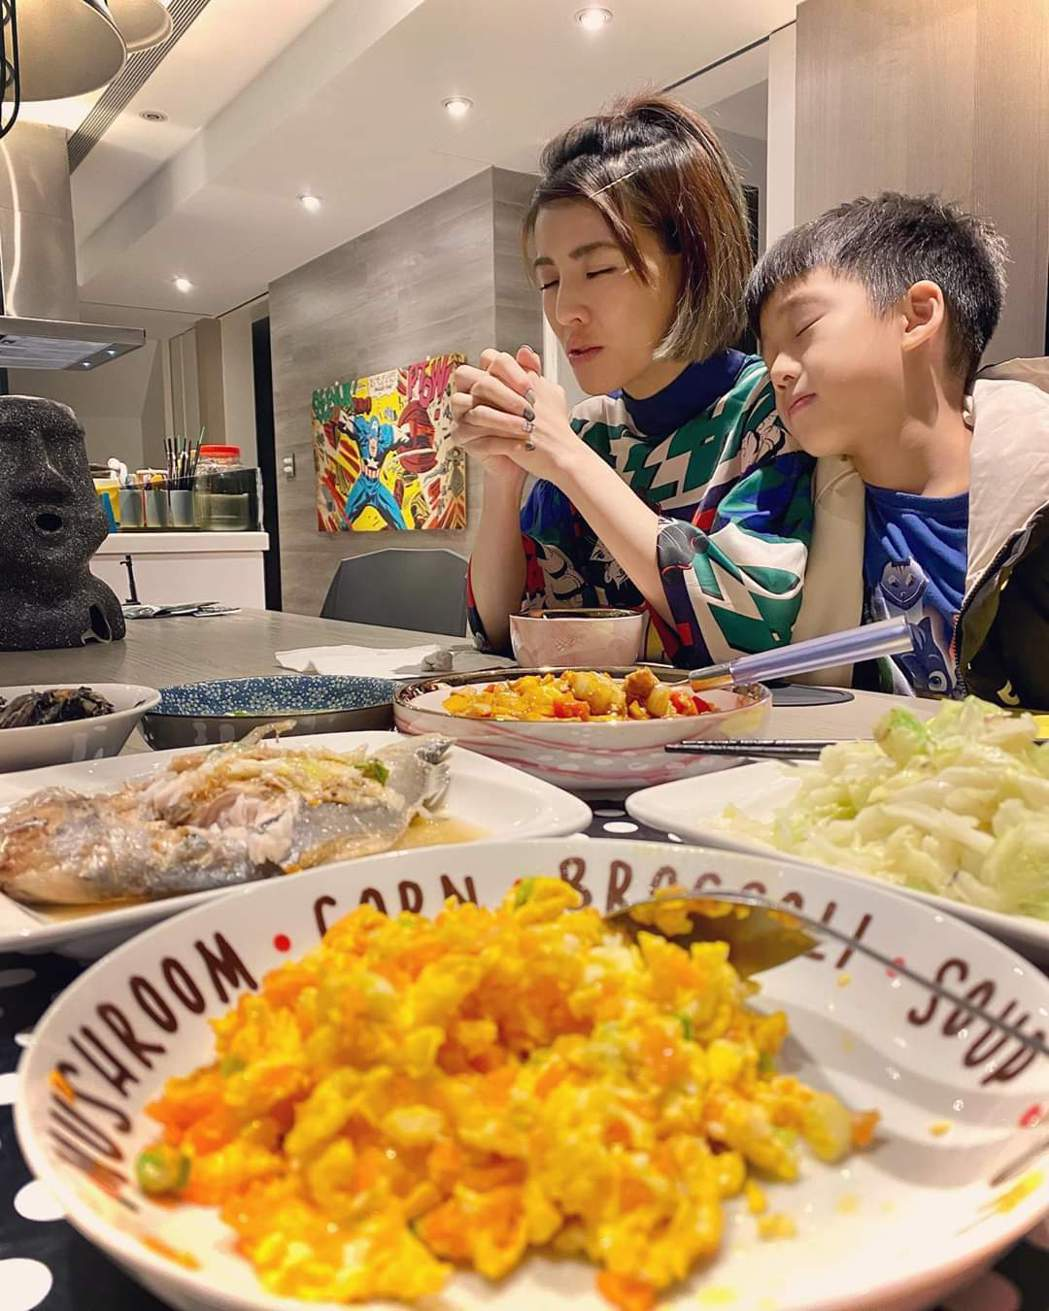 徐小可現在已經養成飯前禱告的習慣。圖/摘自臉書